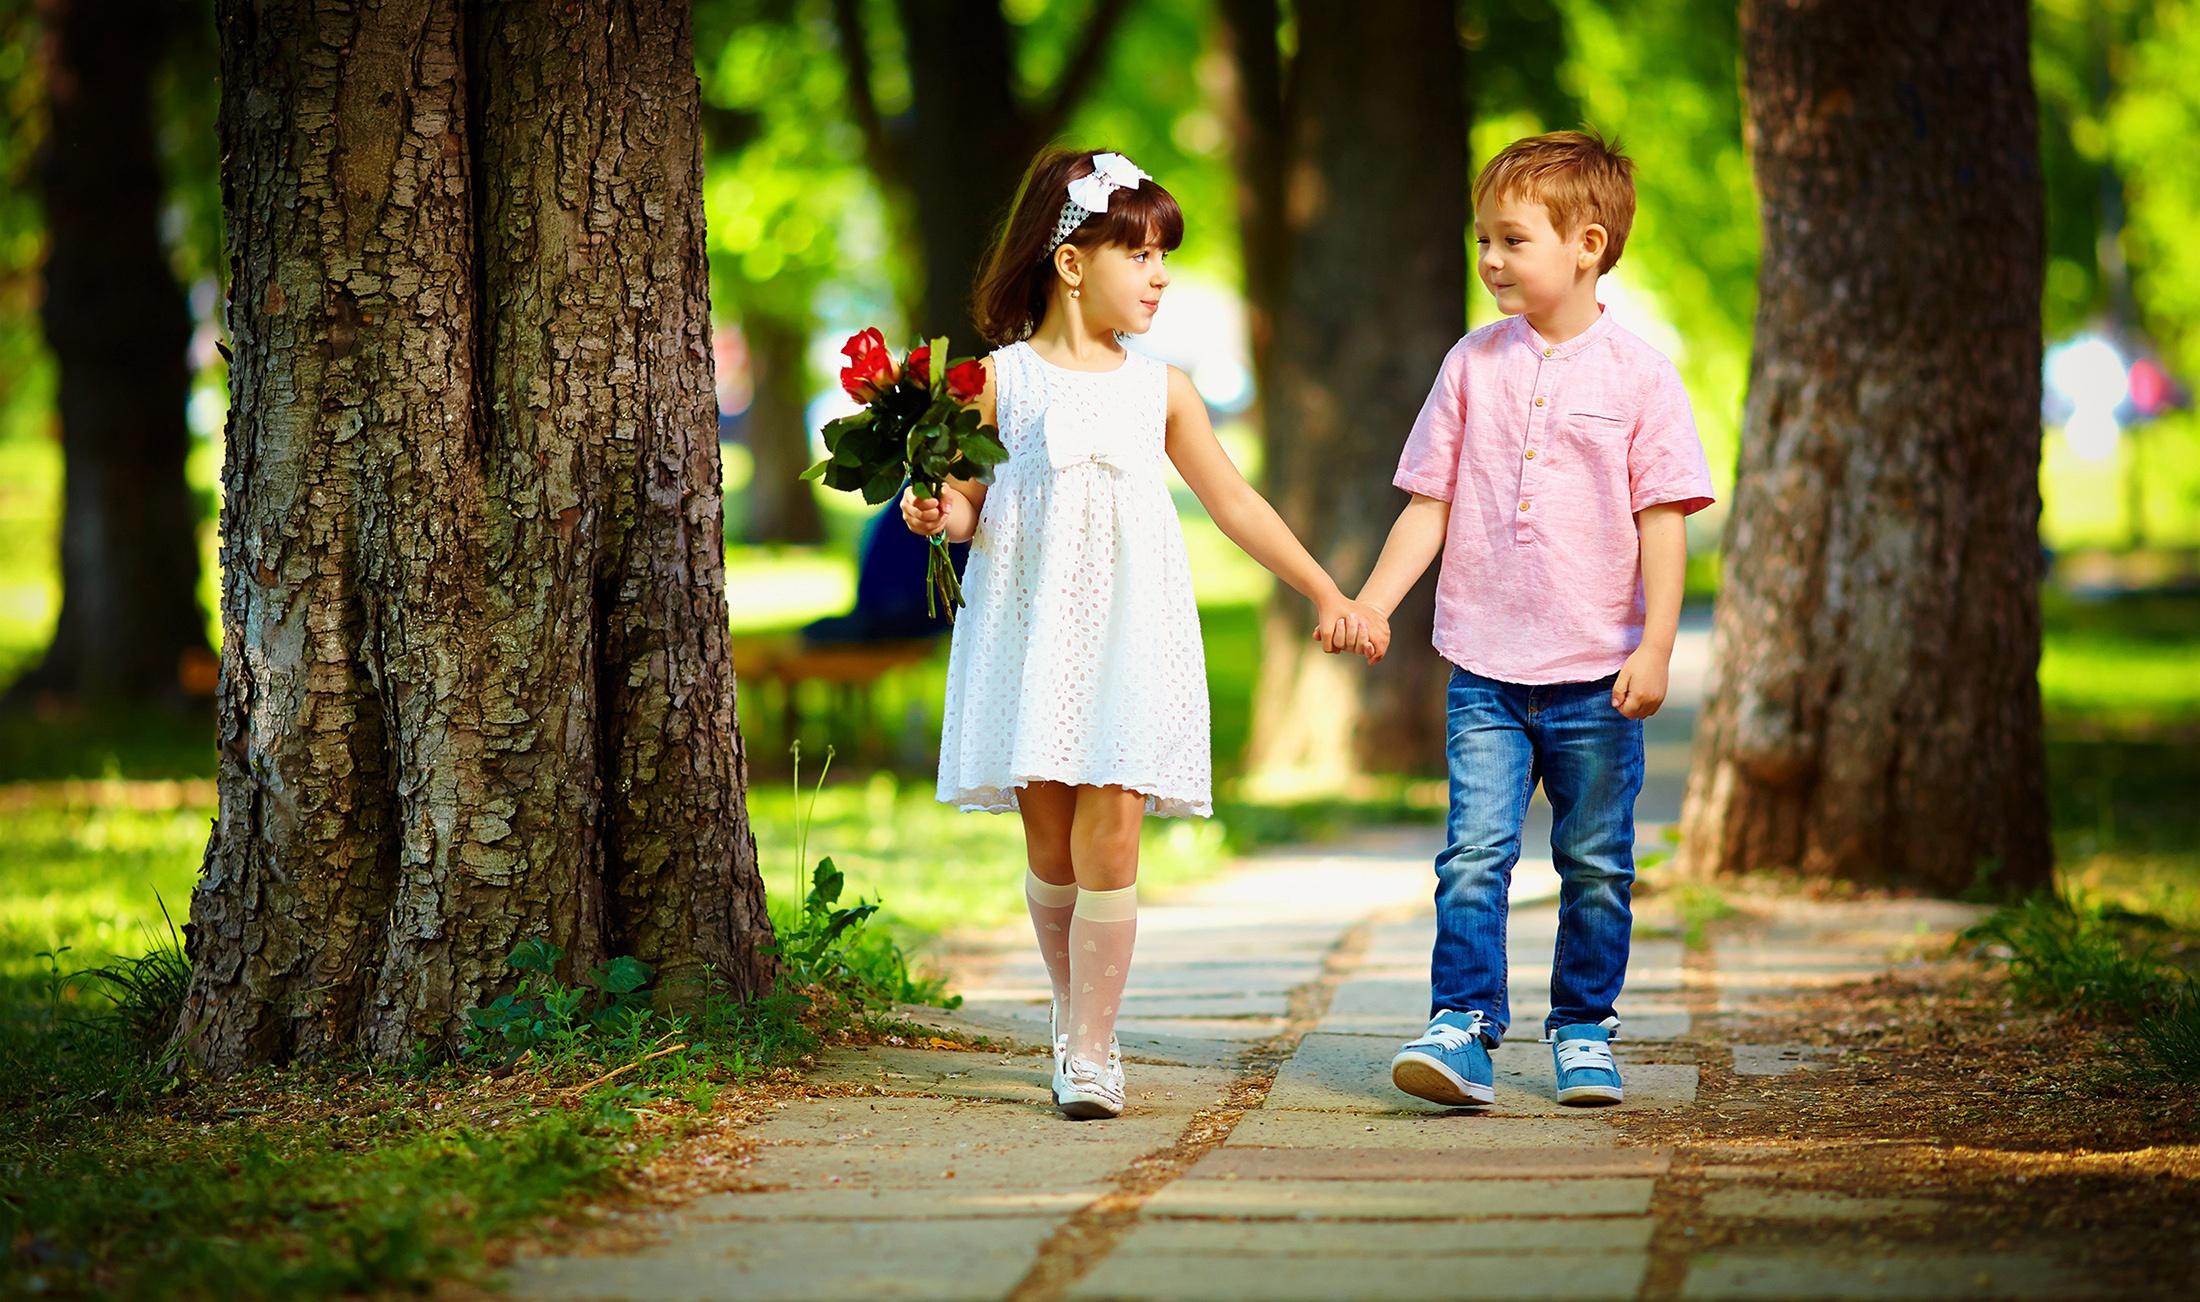 Картинки для девочек и мальчиков вместе